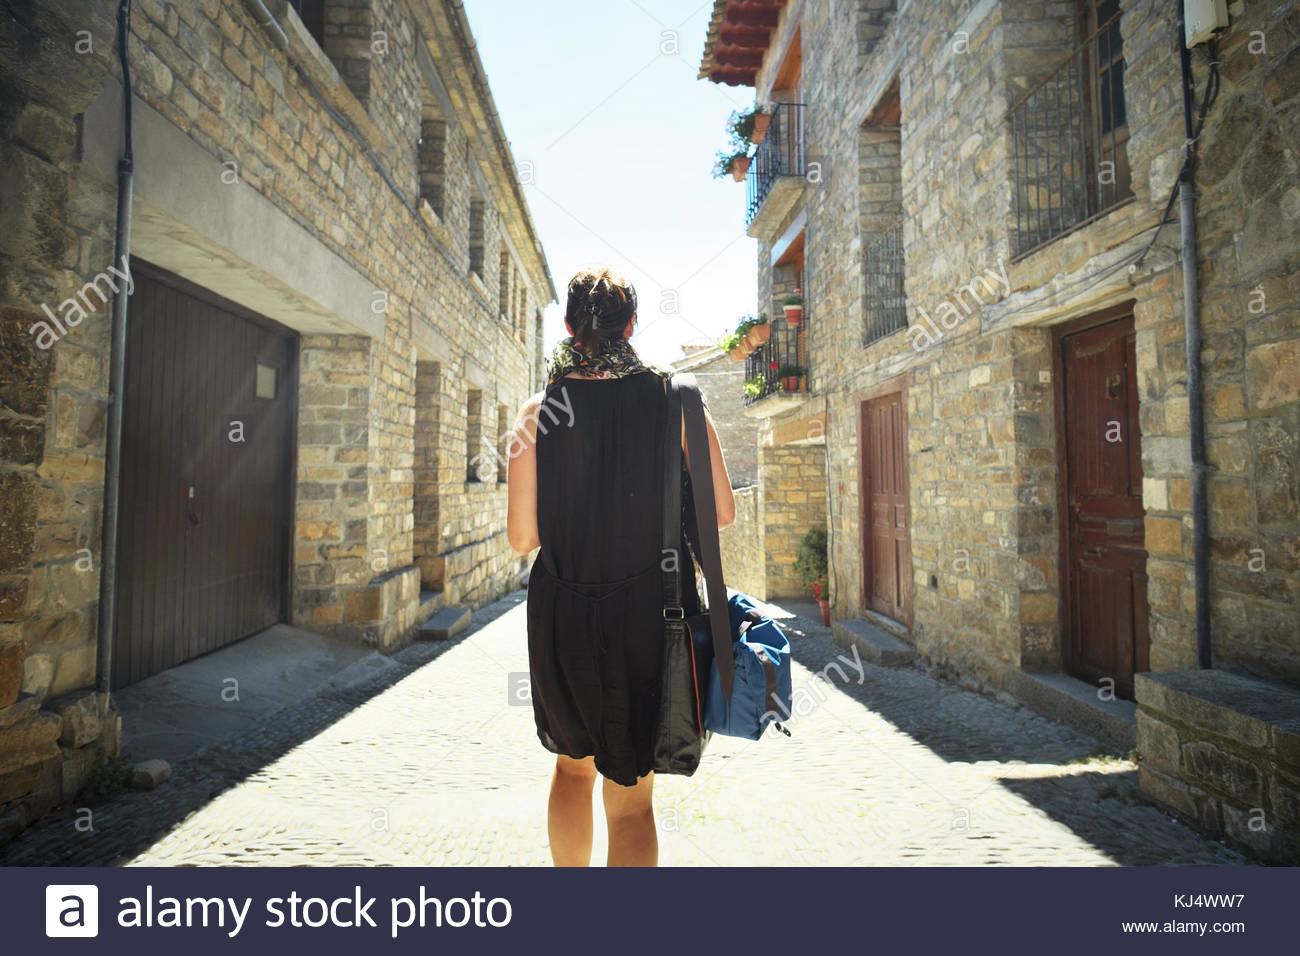 Mujer caminando en la calle vacía Imagen De Stock